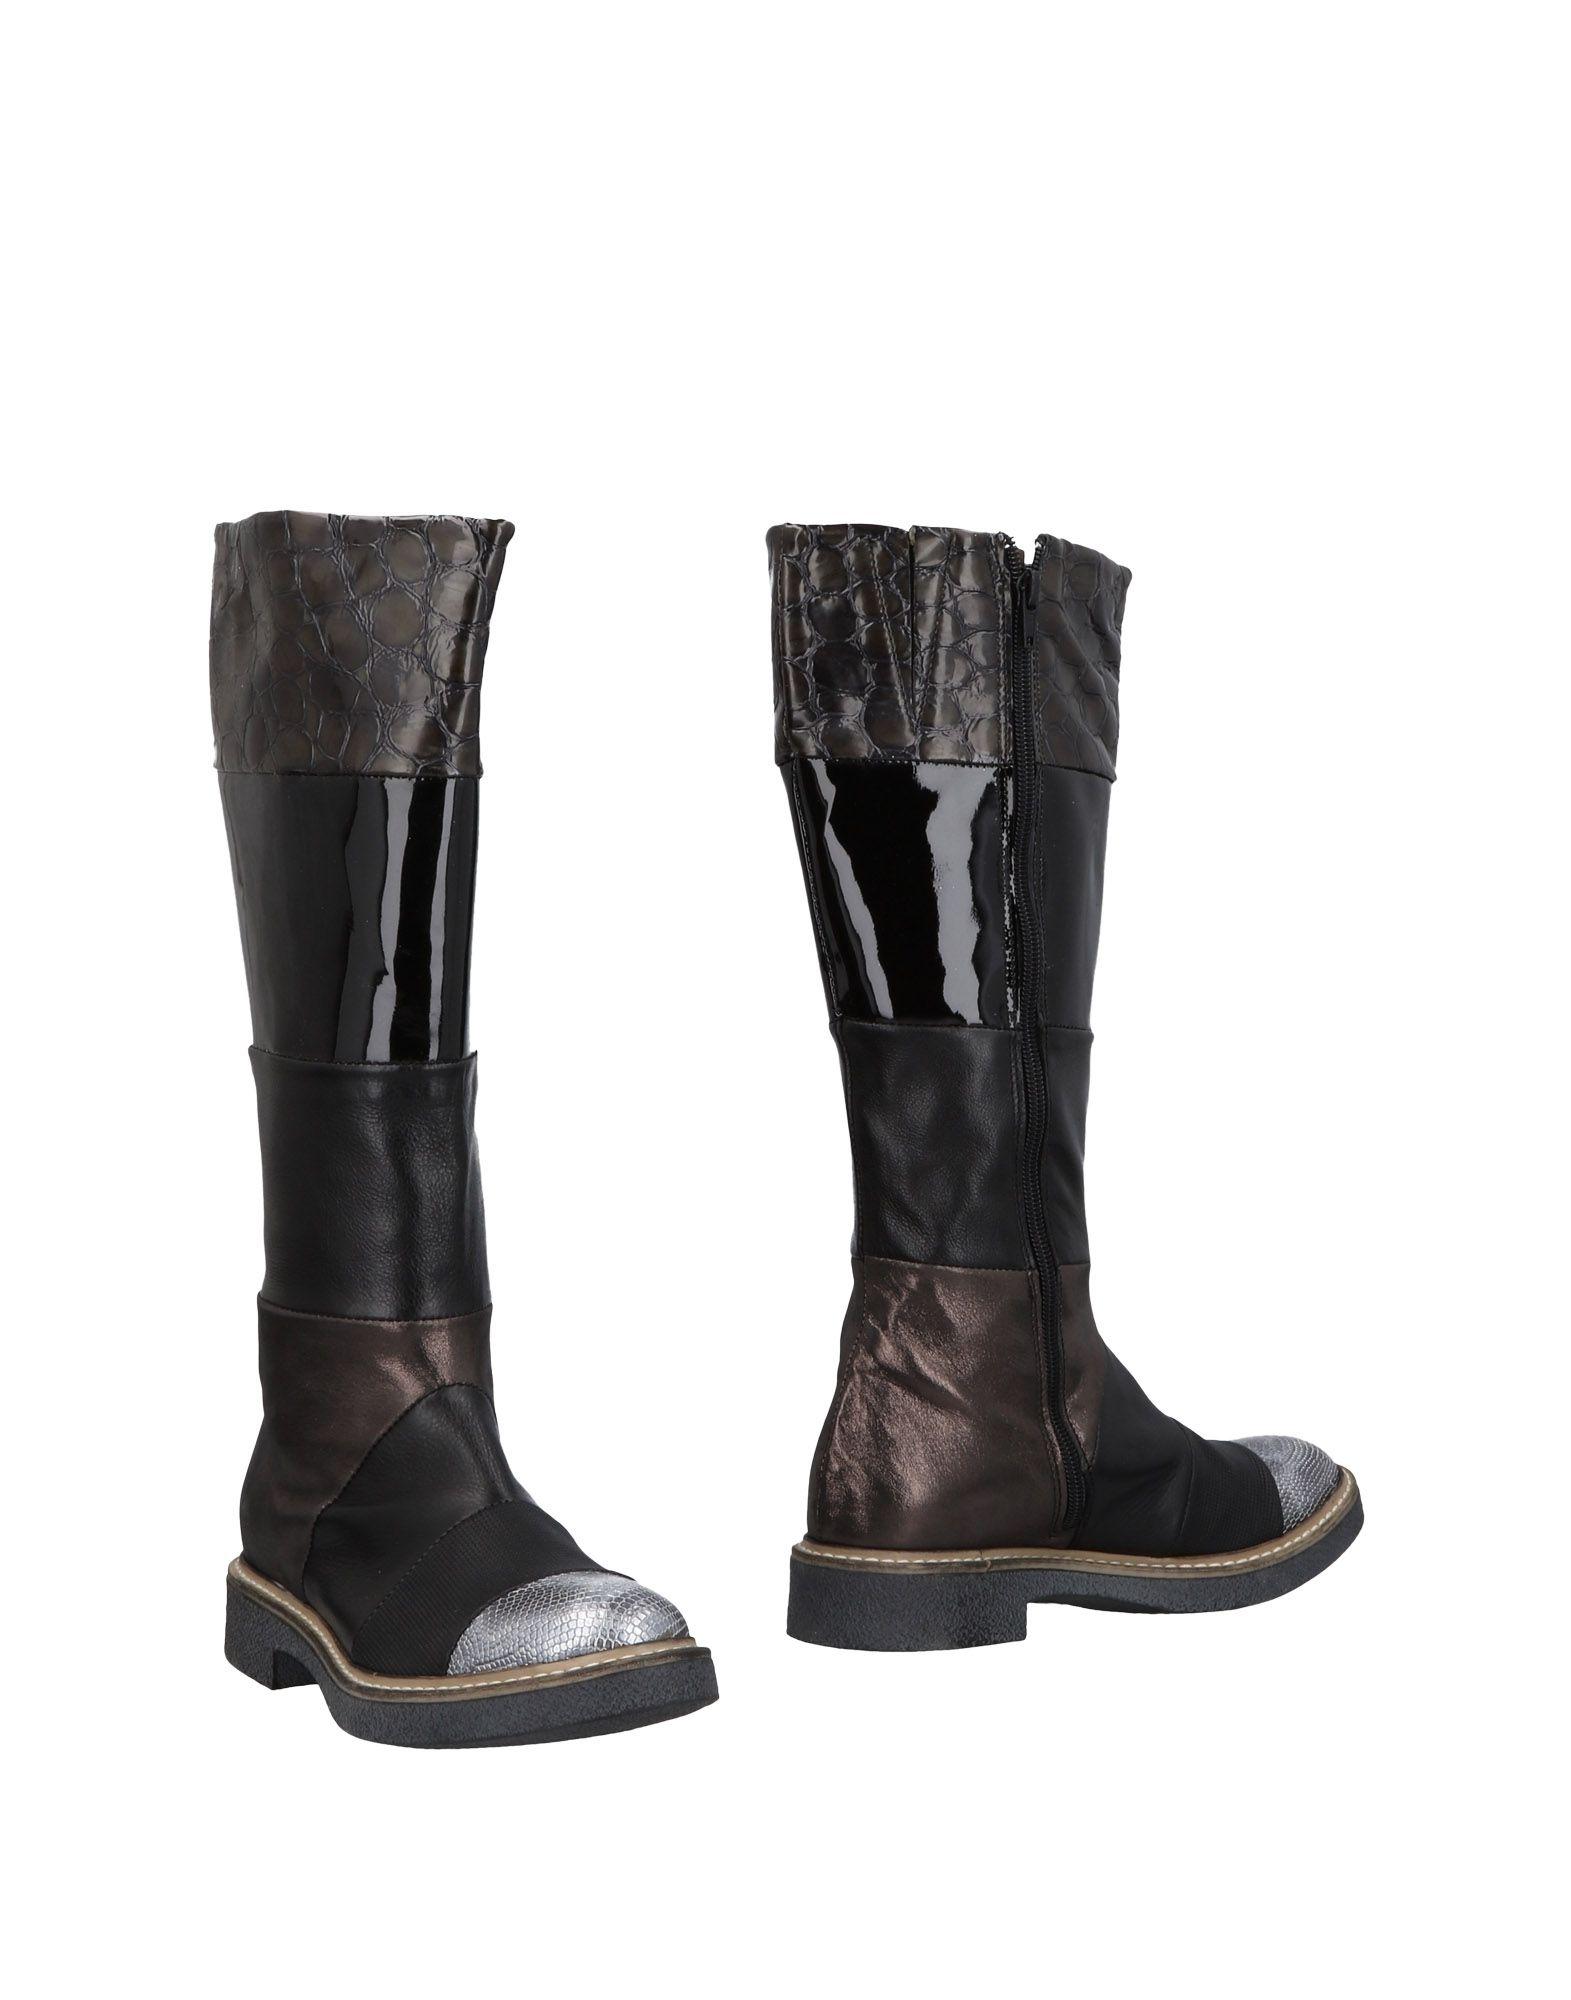 Billig-3386,Ebarrito Stiefel lohnt Damen Gutes Preis-Leistungs-Verhältnis, es lohnt Stiefel sich 9e7ca3